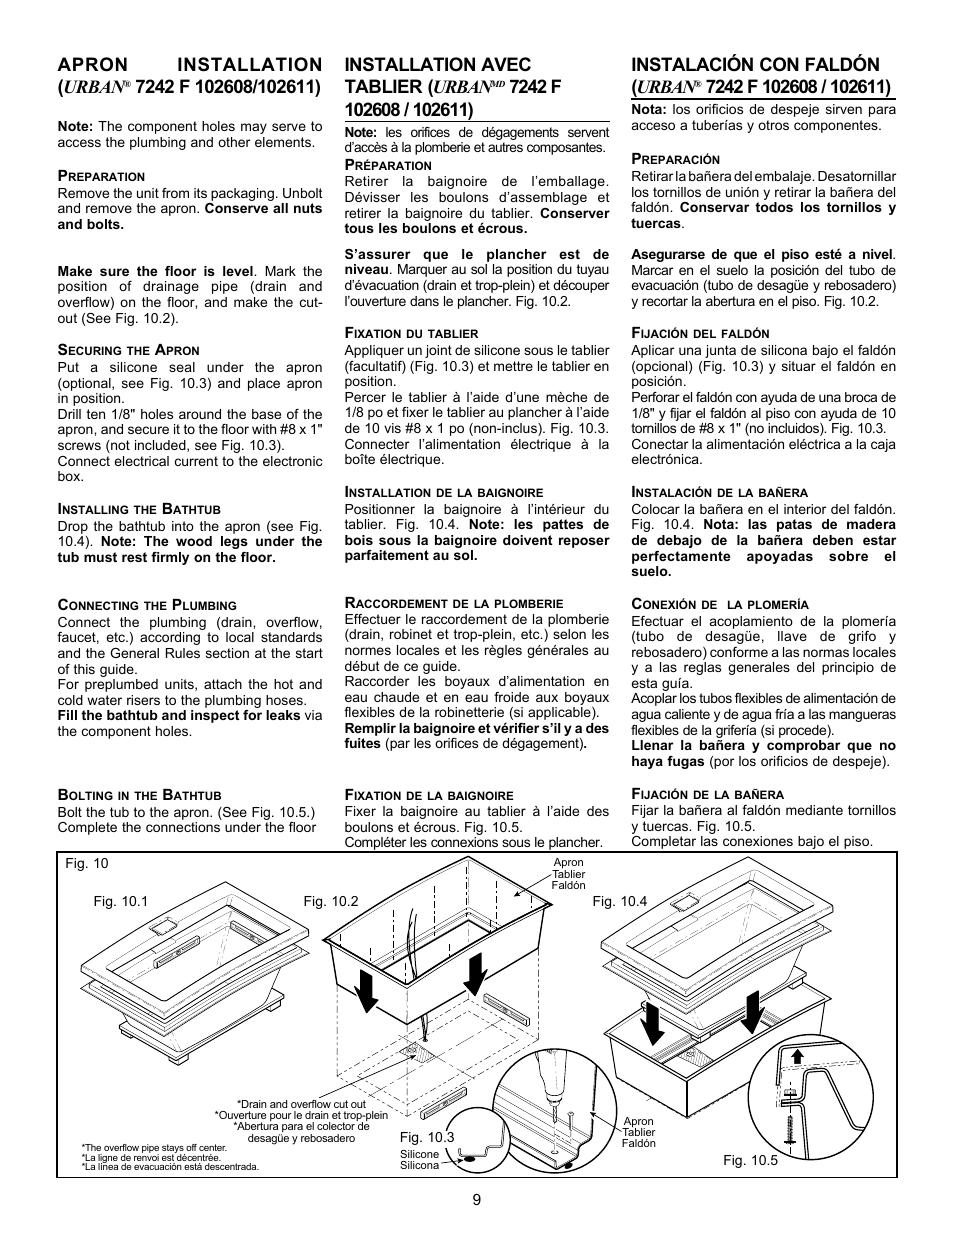 apron installation urban installation avec tablier urban rh manualsdir com Installation Guide manual installation autocad express tools